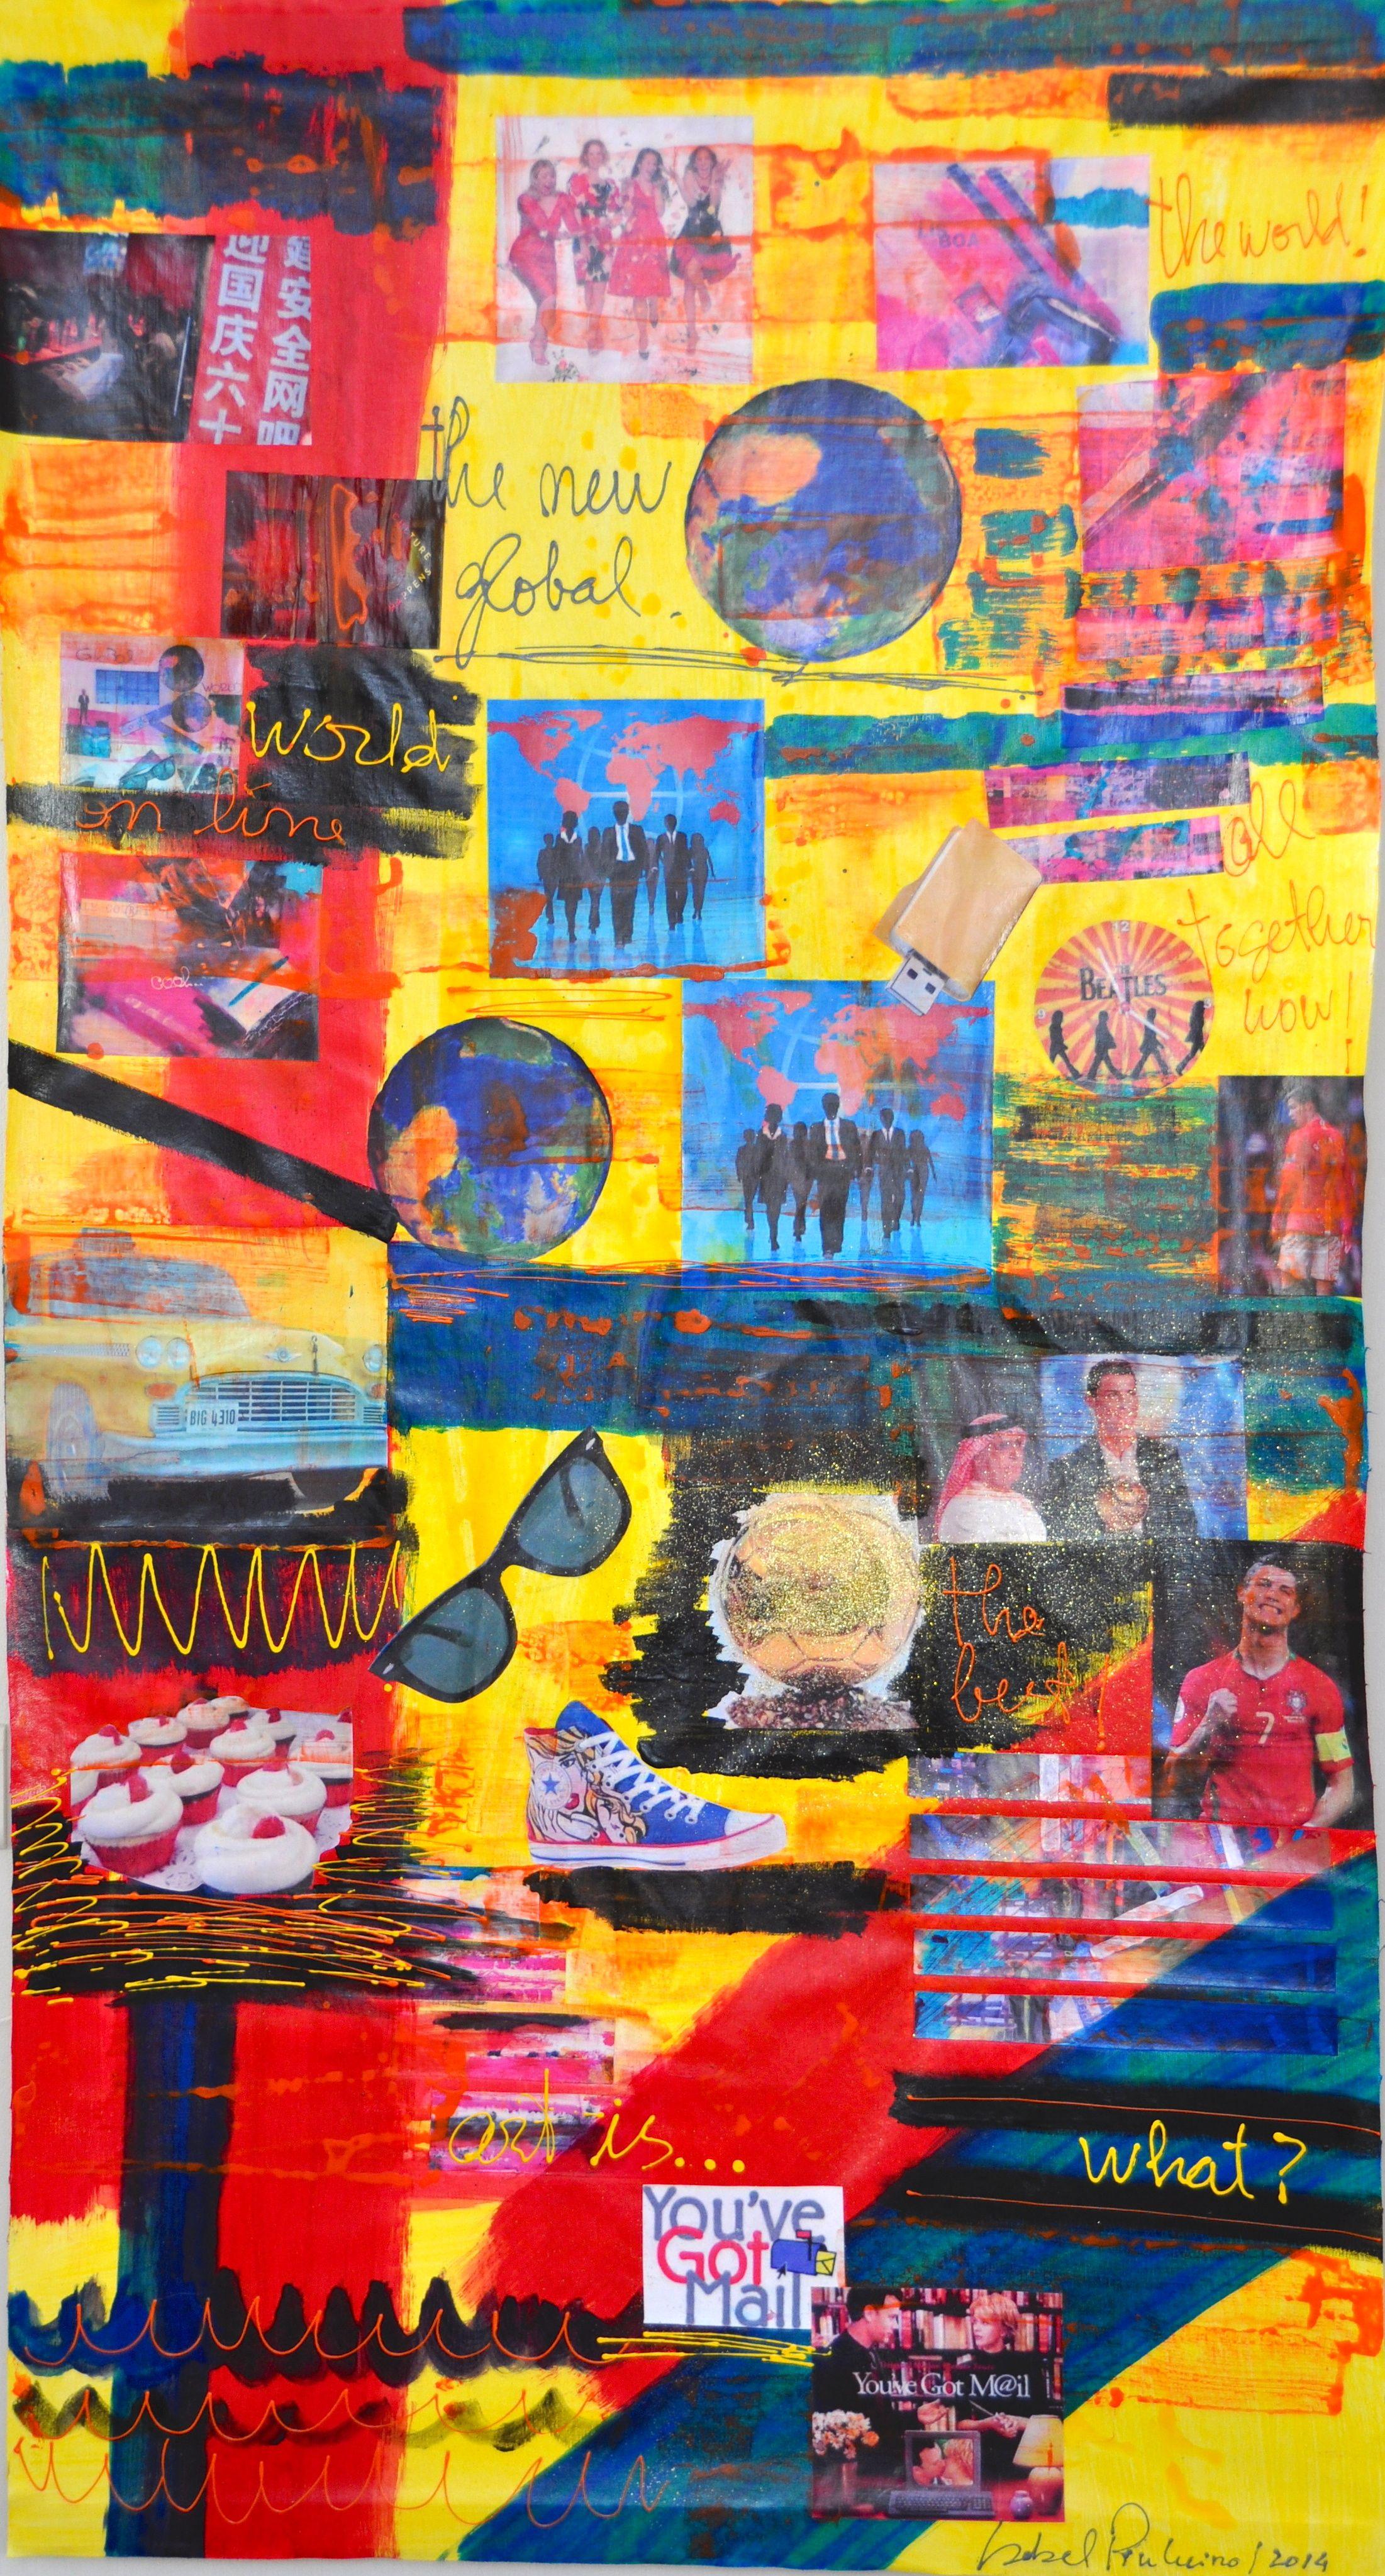 """""""THE NEW GLOBAL"""" - 160alt.x90larg. Técnicas mistas. Acrílico sobre tela, colagens, etc. Outras obras de ISABEL PINHEIRO em http://www.Facebook.com/ISABELPINHEIROARTE"""